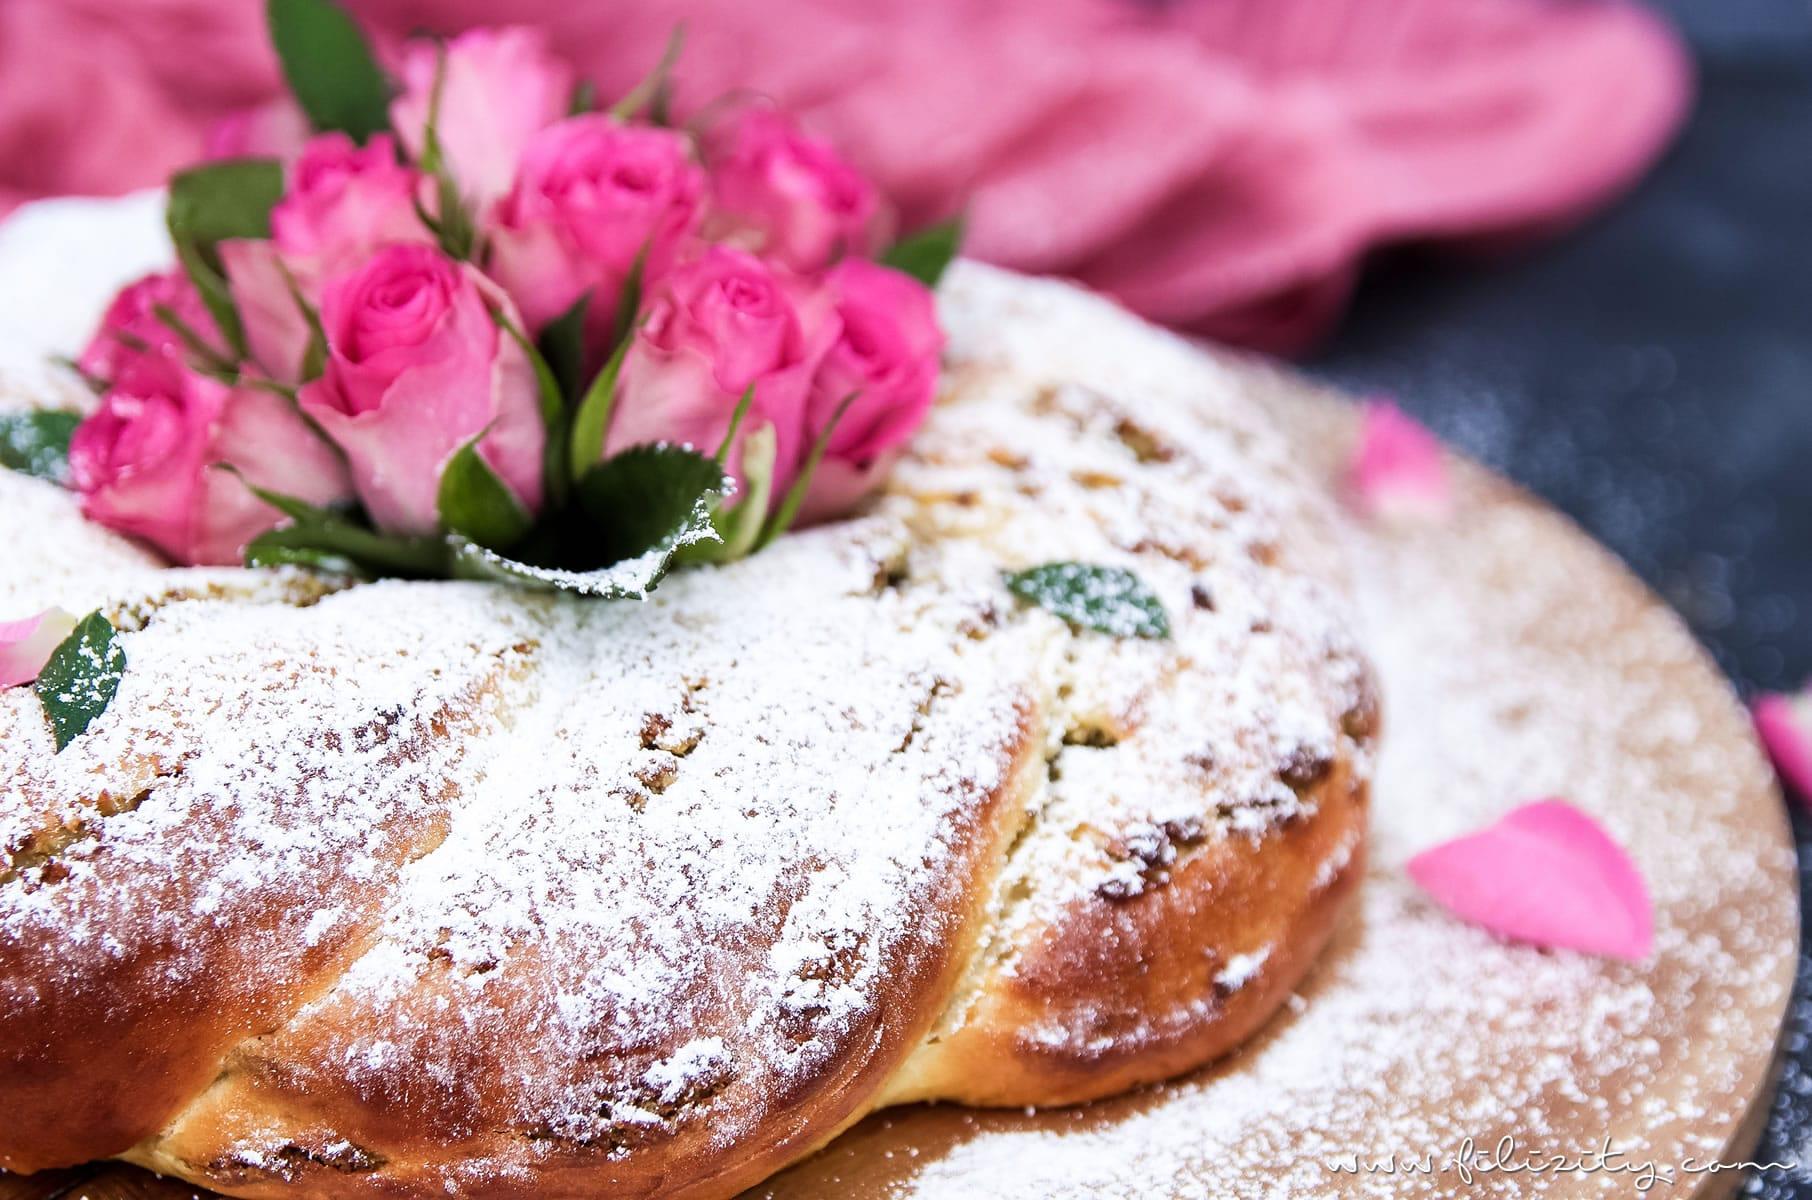 Osterkranz backen mit diesem einfachen Osterkranz Rezept   Hefekranz mit orientalischer Pistazien-Rosen-Füllung zu Ostern   Filizitiy.com   Food-Blog aus dem Rheinland #ostern #osterrezept #osterkranz